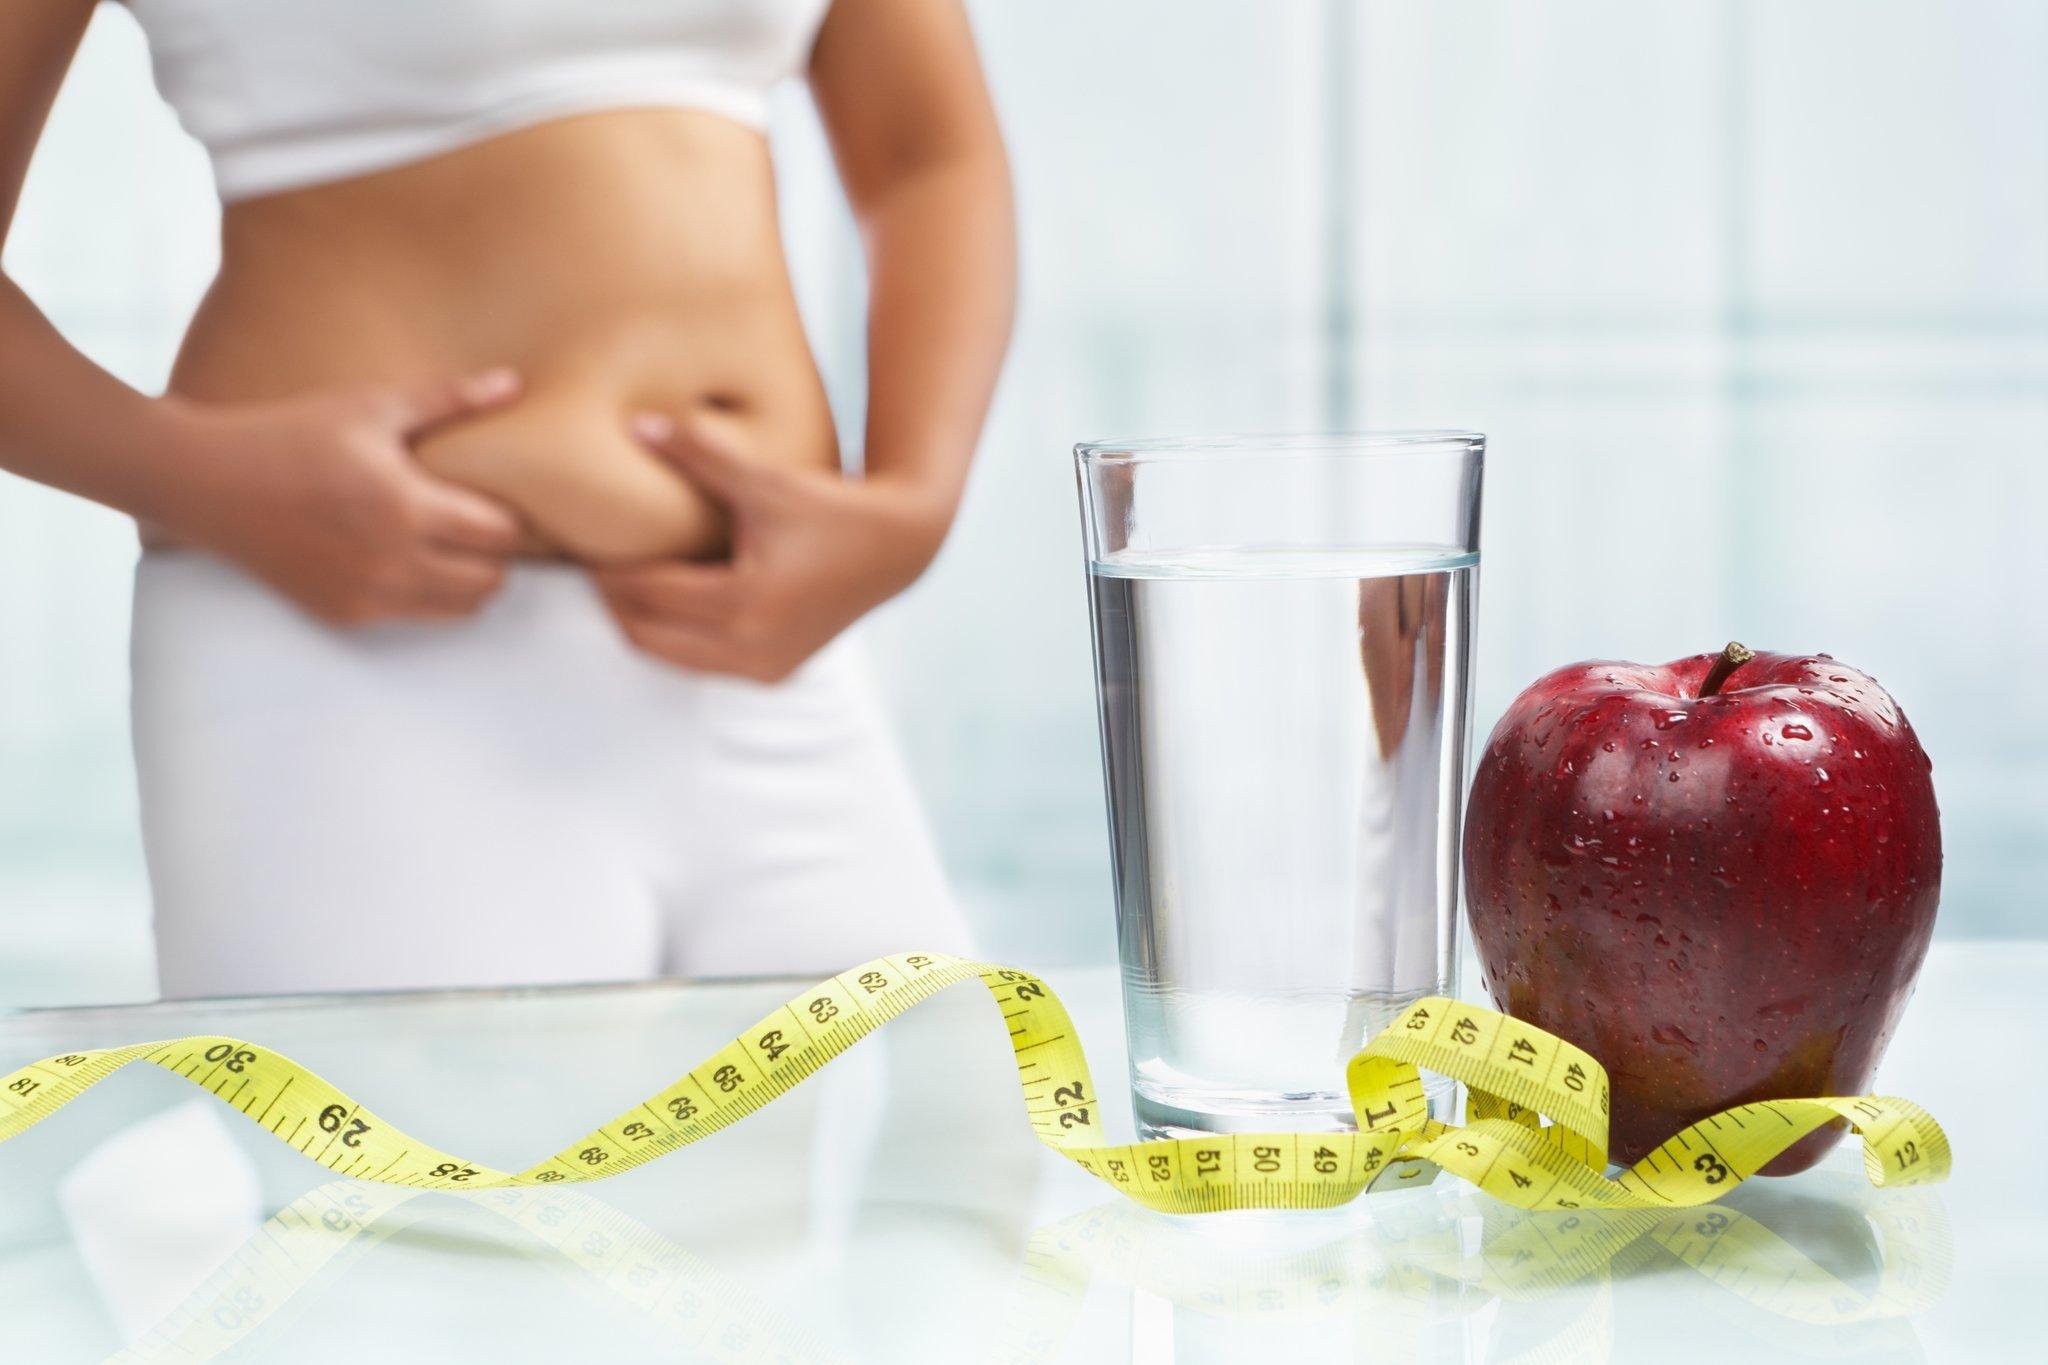 Какой Самый Простой Способ Похудеть. Как быстро похудеть в домашних условиях без диет? 10 основных правил как худеть правильно